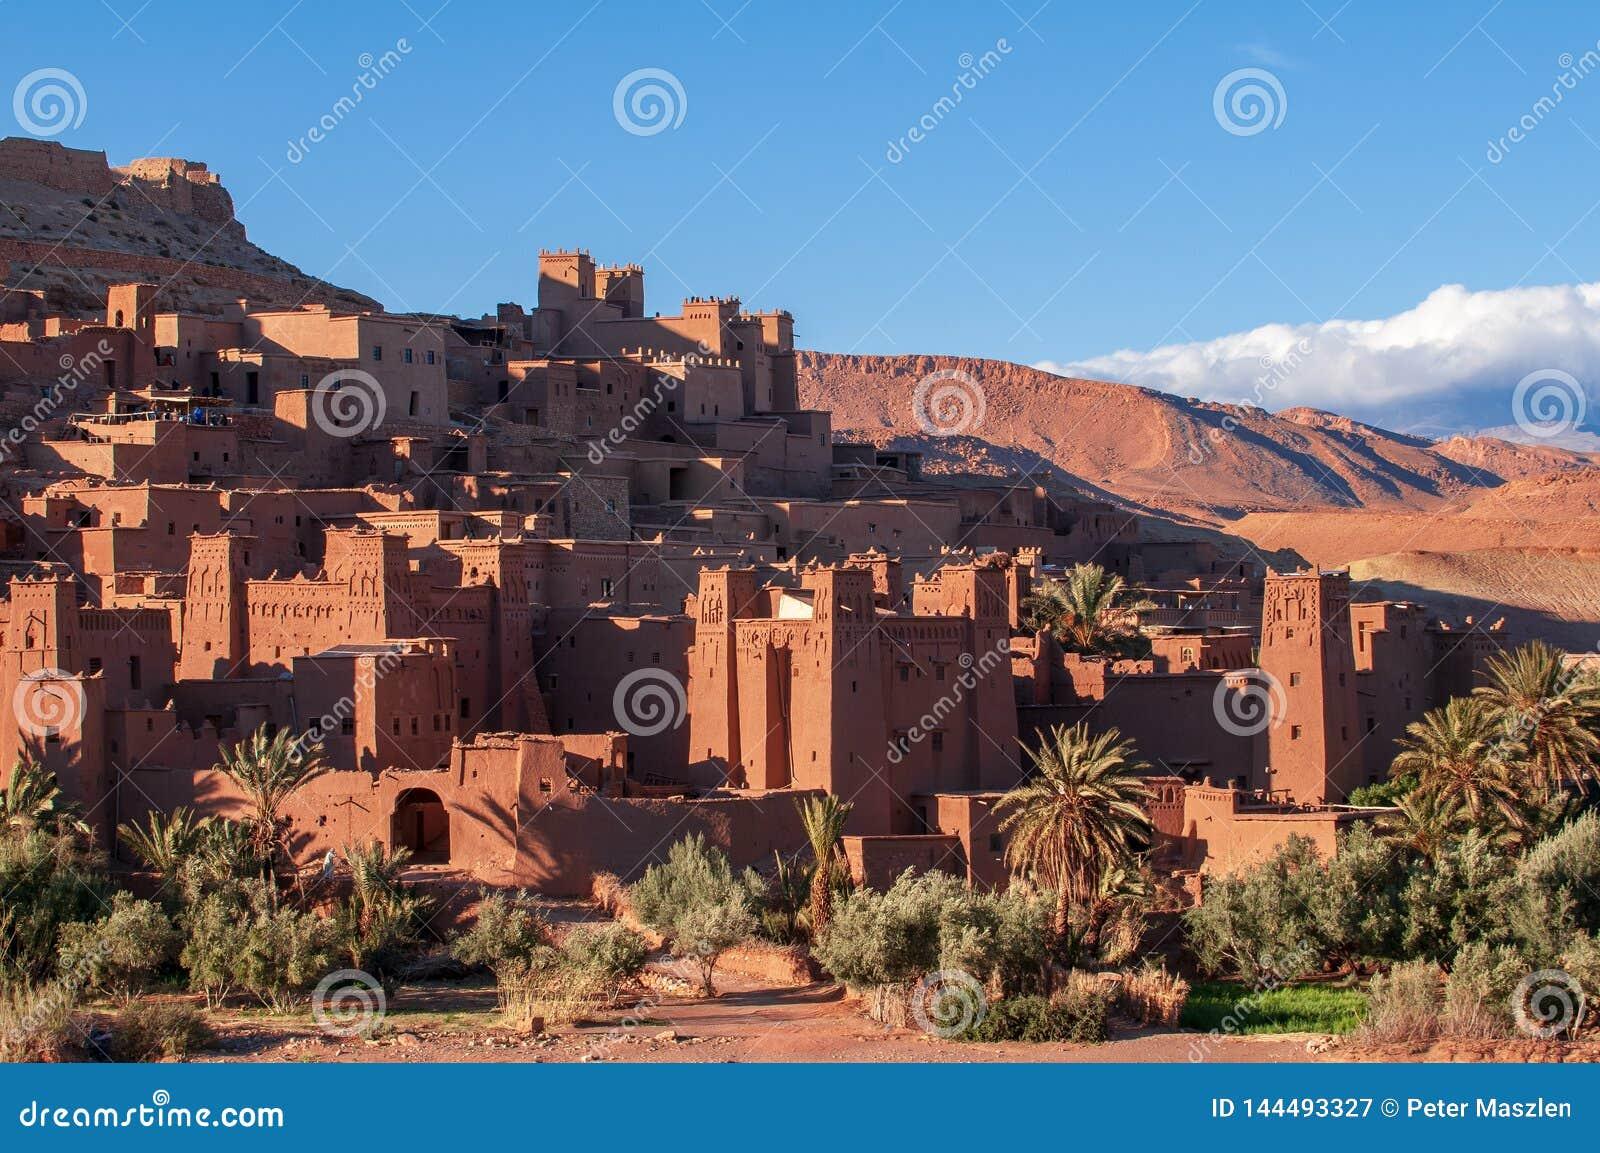 Altes kasbah Dorf Hilfe-Ben-Haddou in der Wüste von Marokko